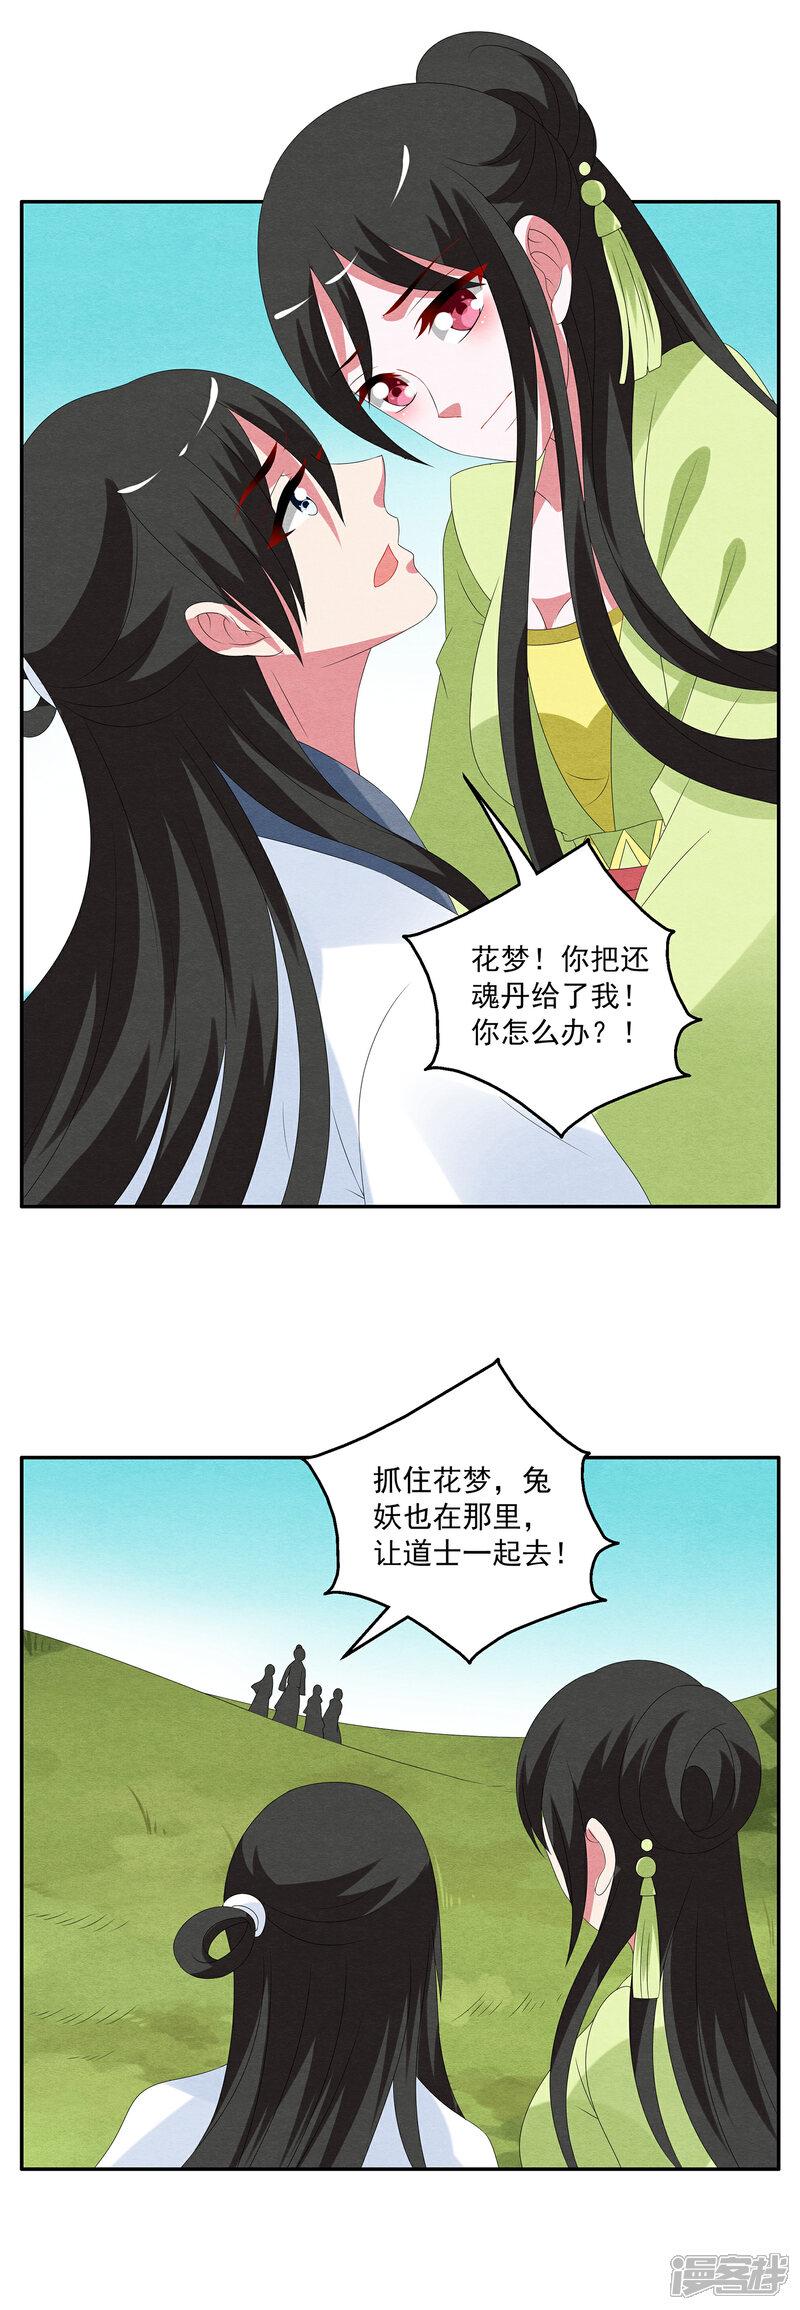 洛小妖79800001-2.JPG